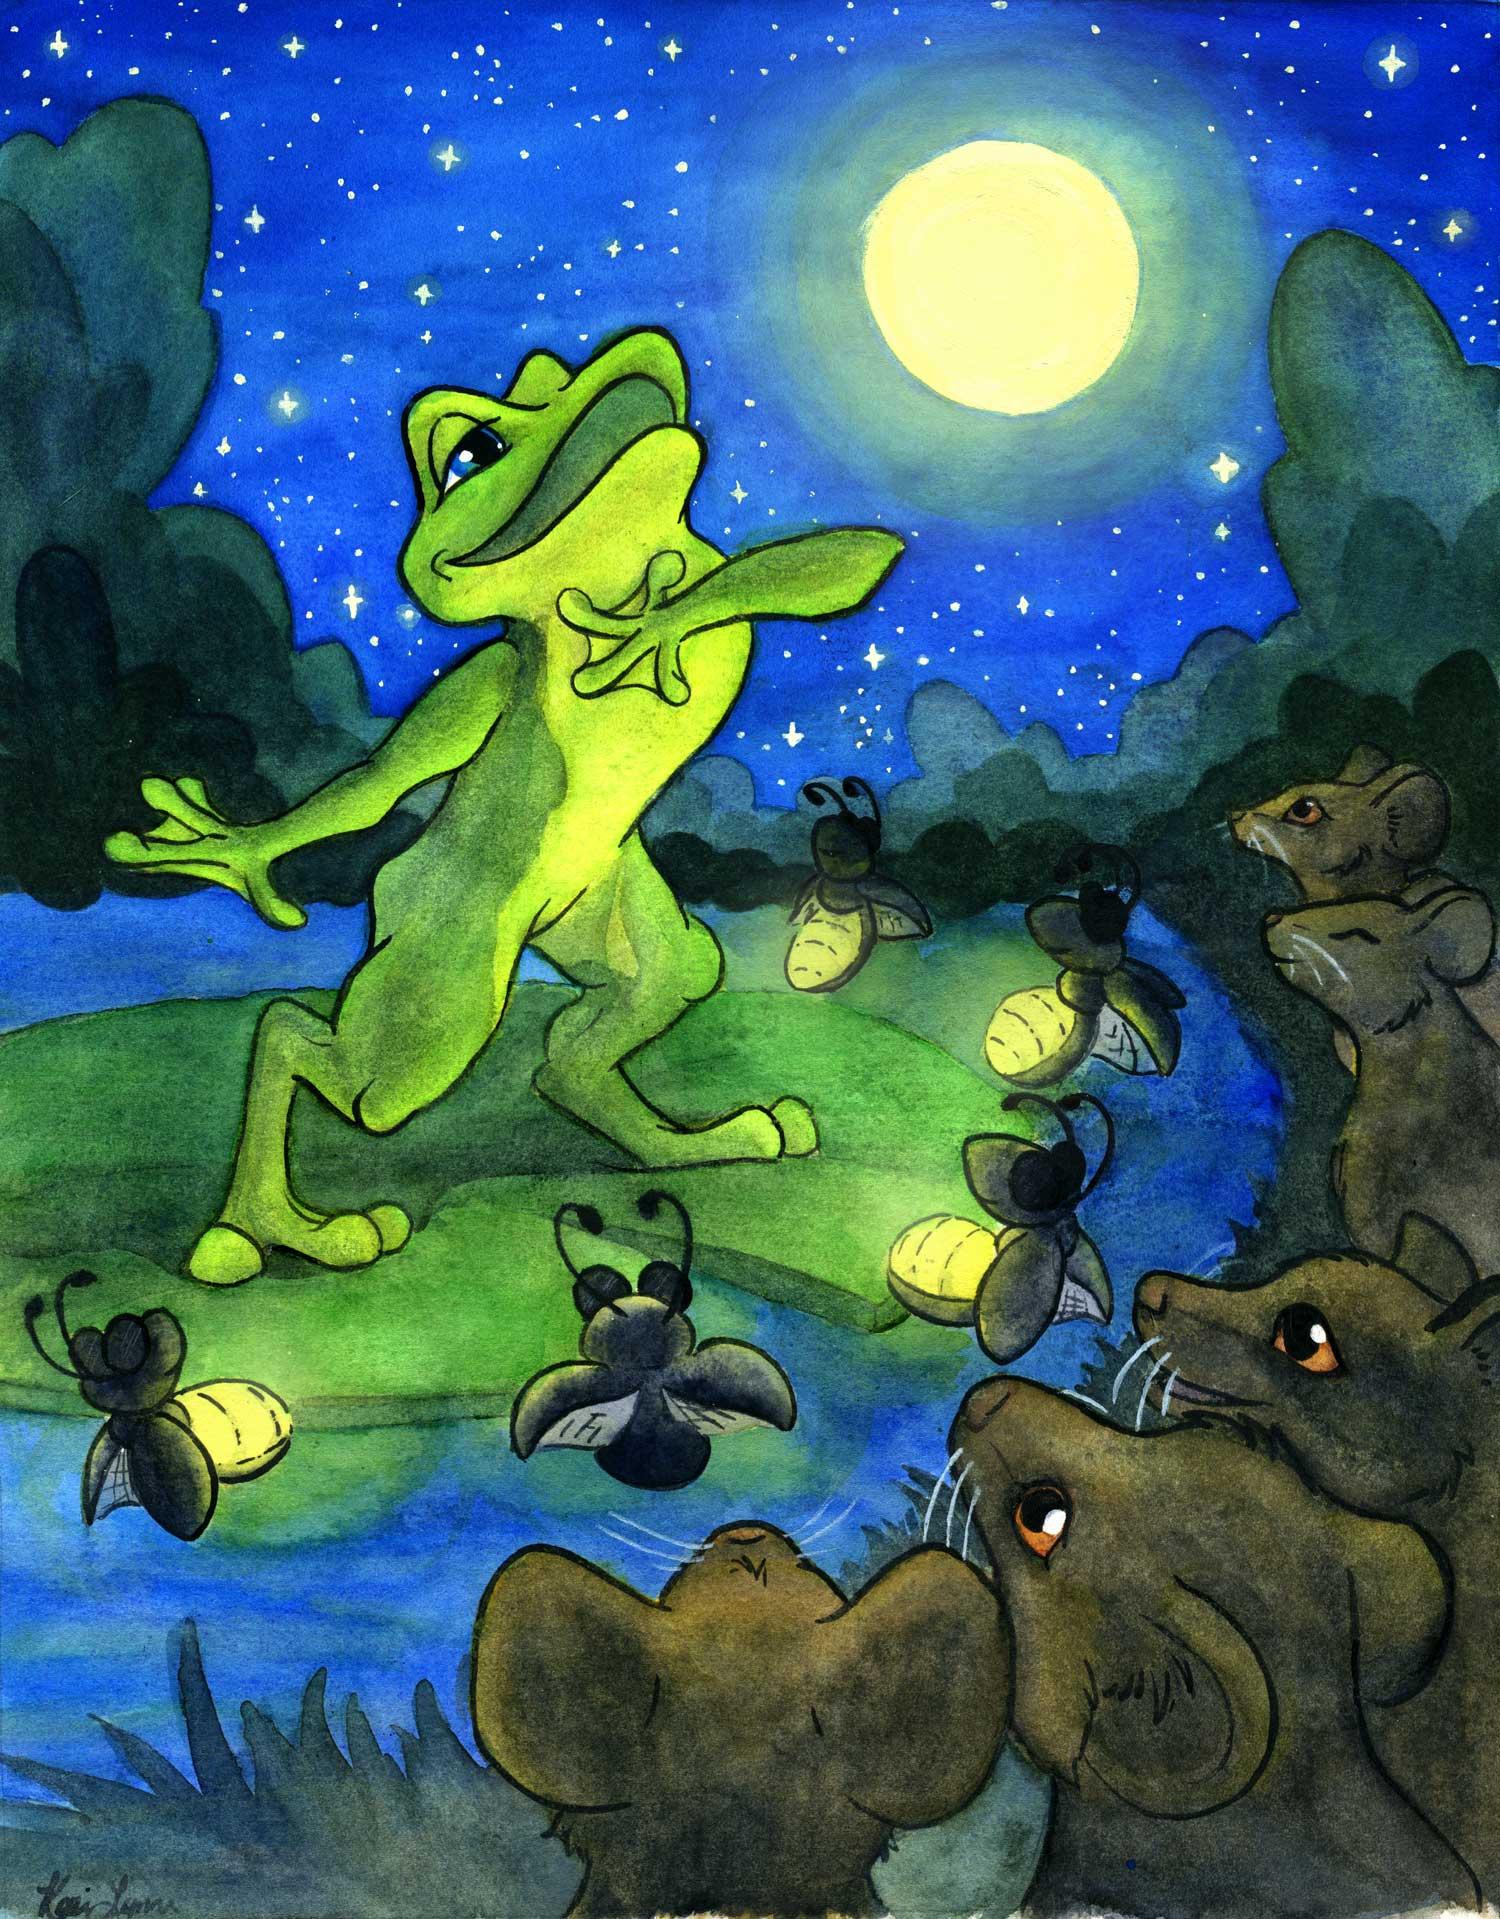 Opera Frog